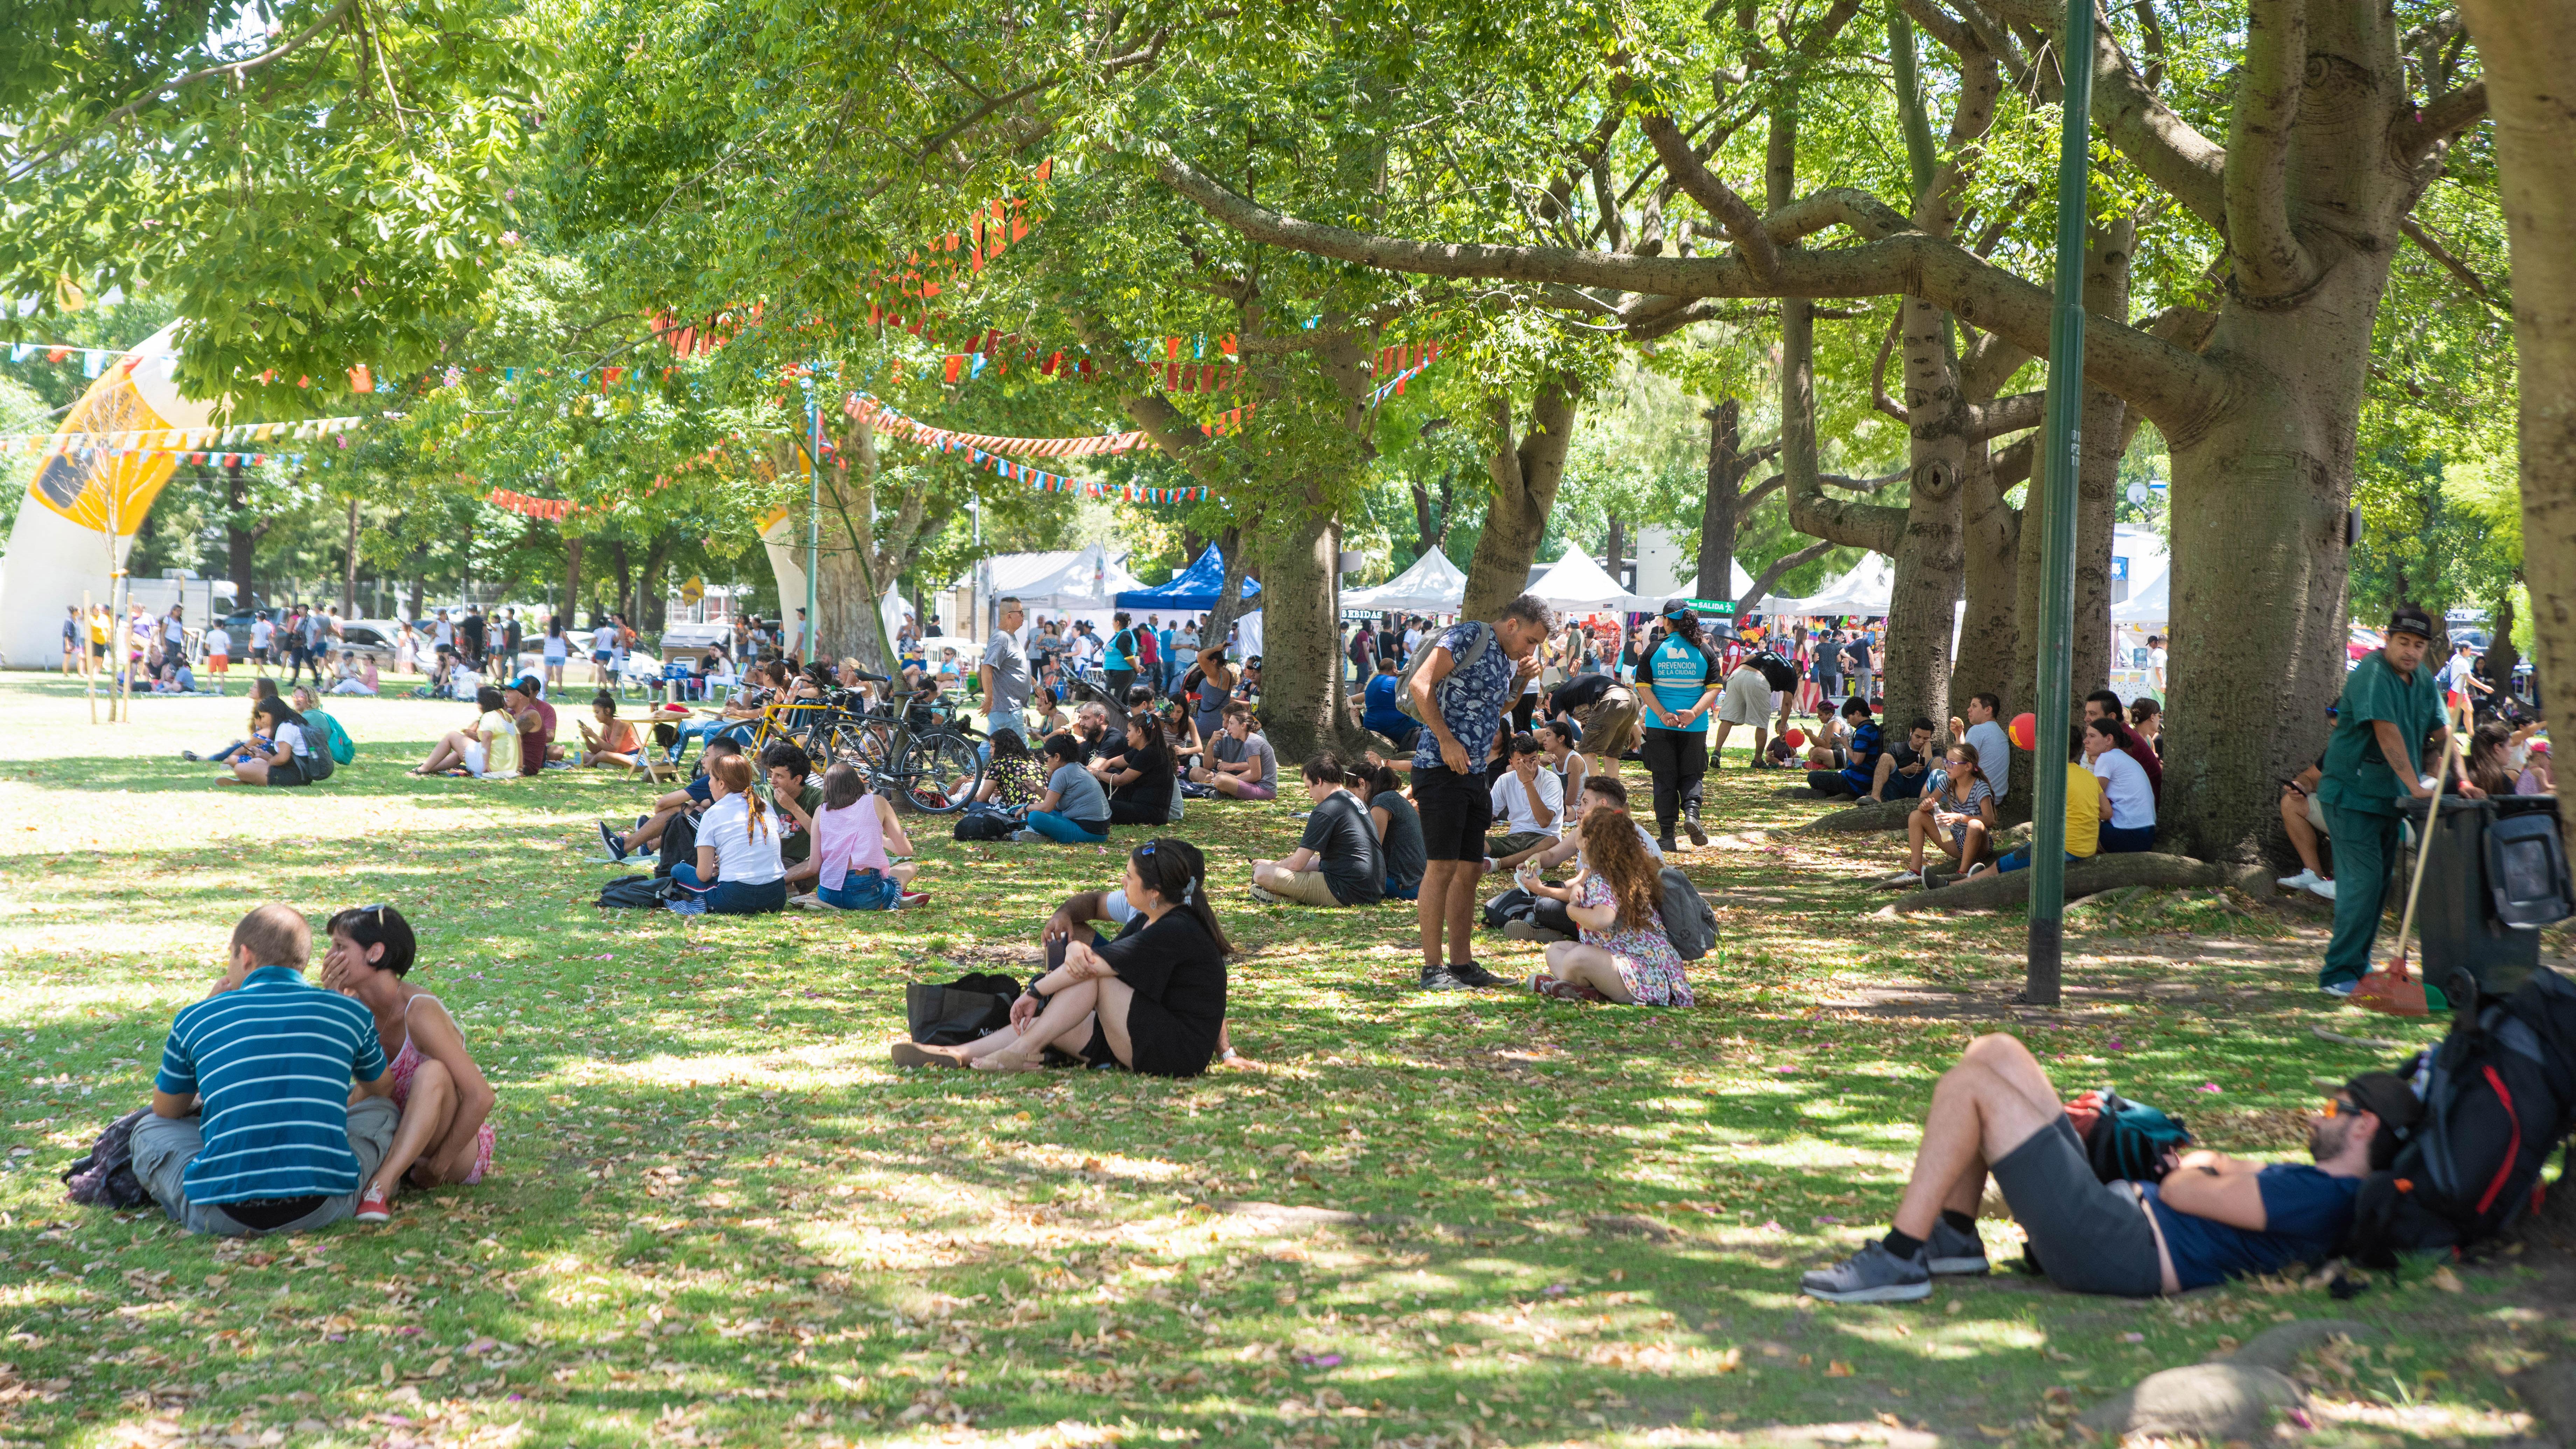 Cientos de personas disfrutaron de esta fiesta al aire libre.